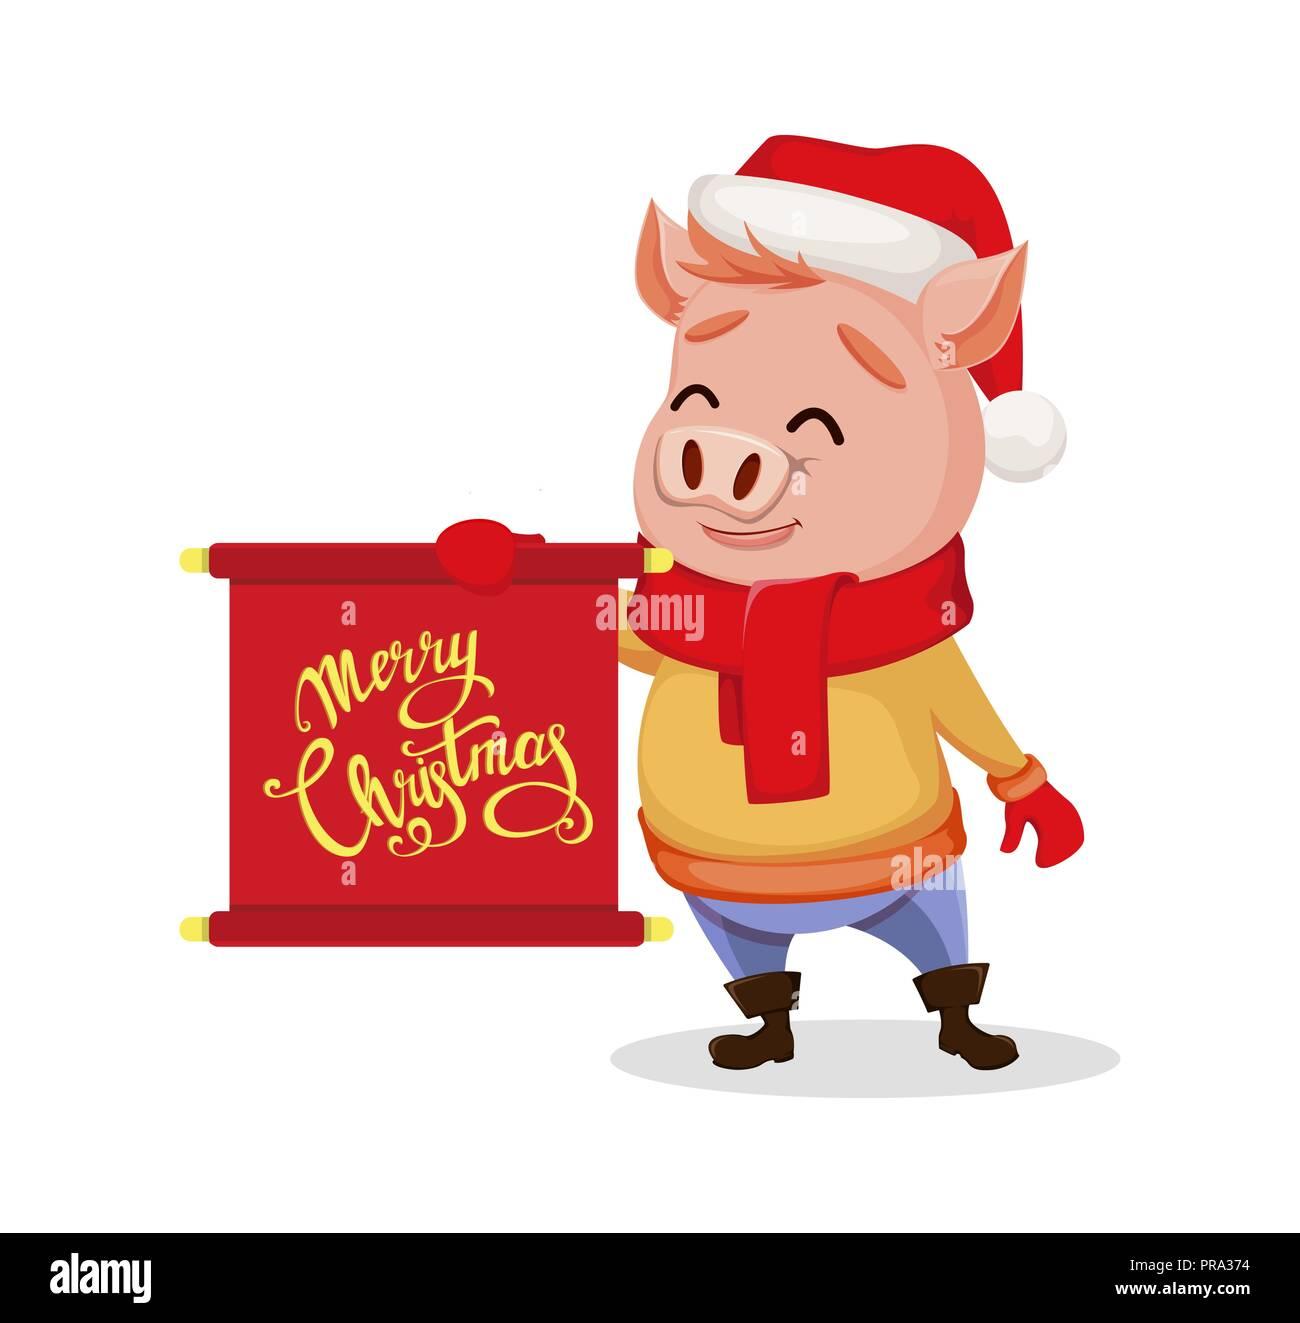 Bild Frohe Weihnachten Lustig.Frohe Weihnachten Nettes Schwein Tragen Weihnachtsmann Mütze Und